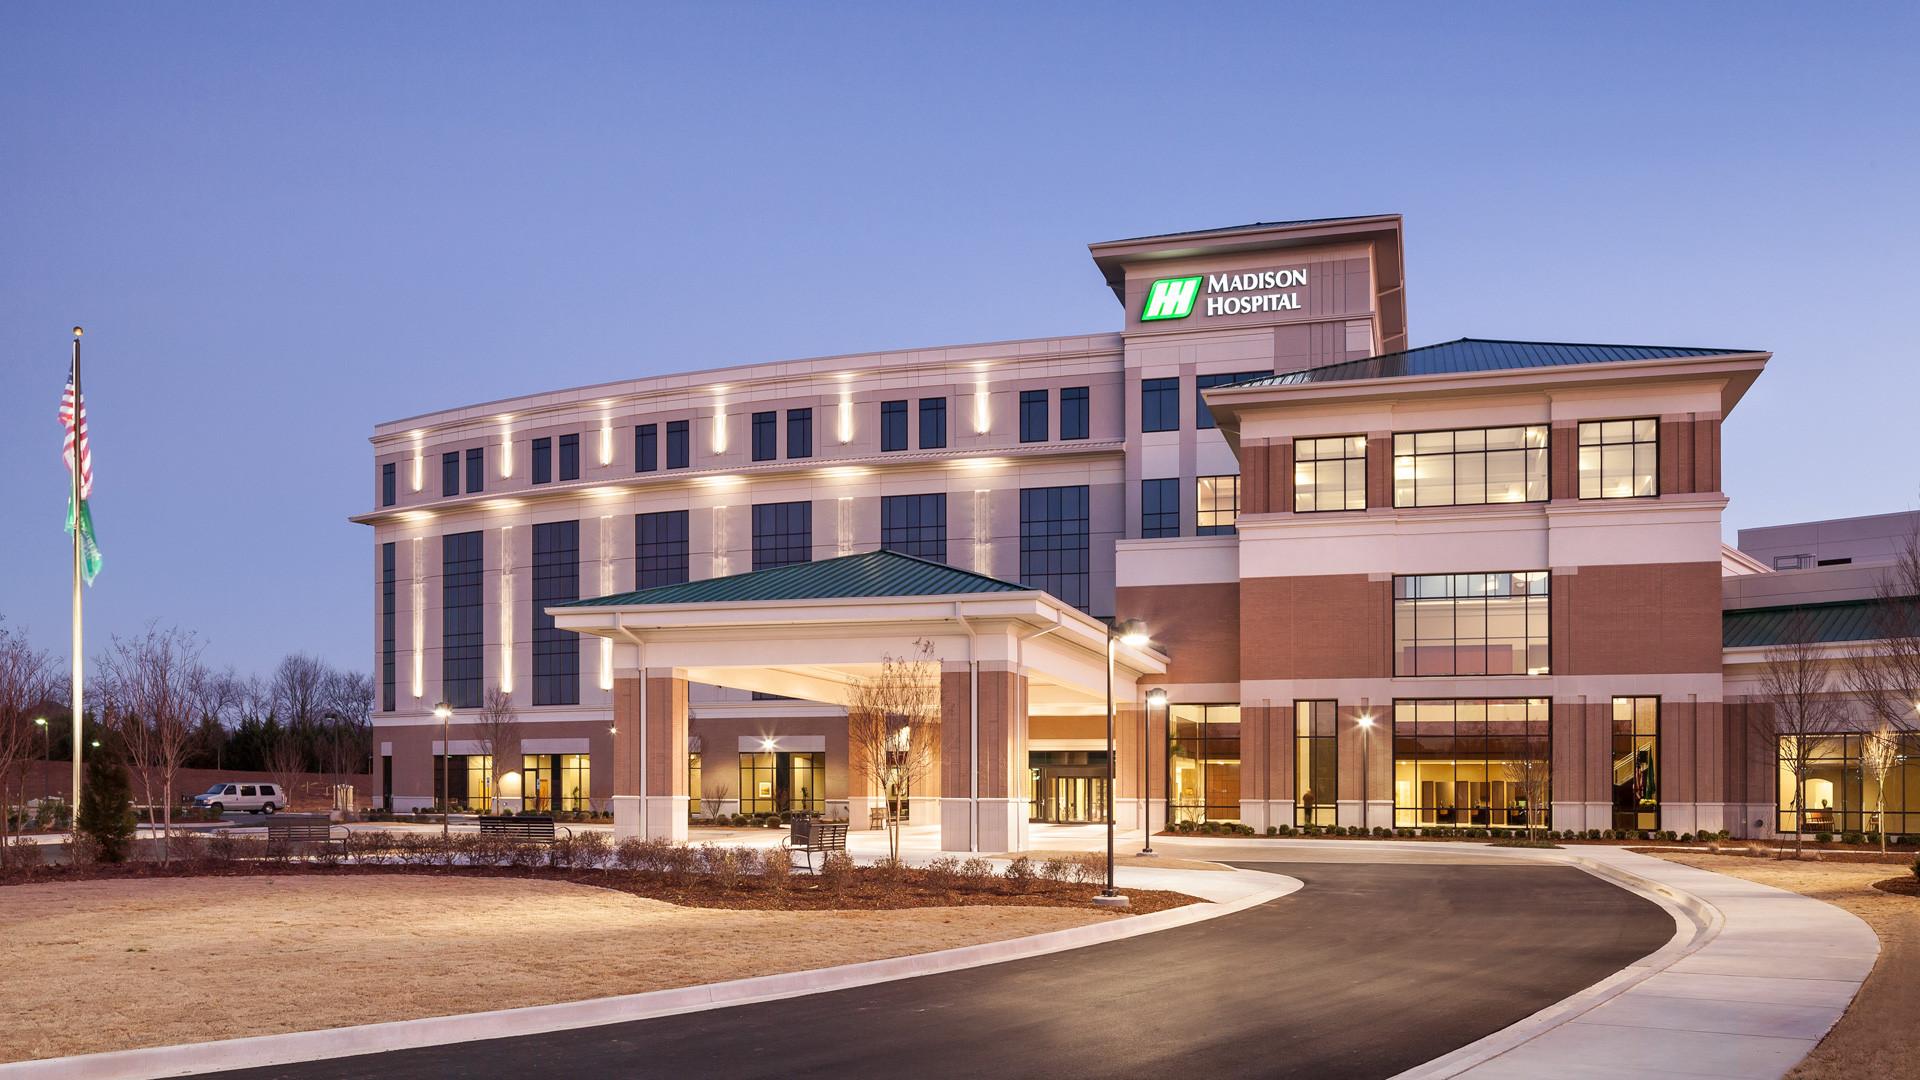 Madison Hospital